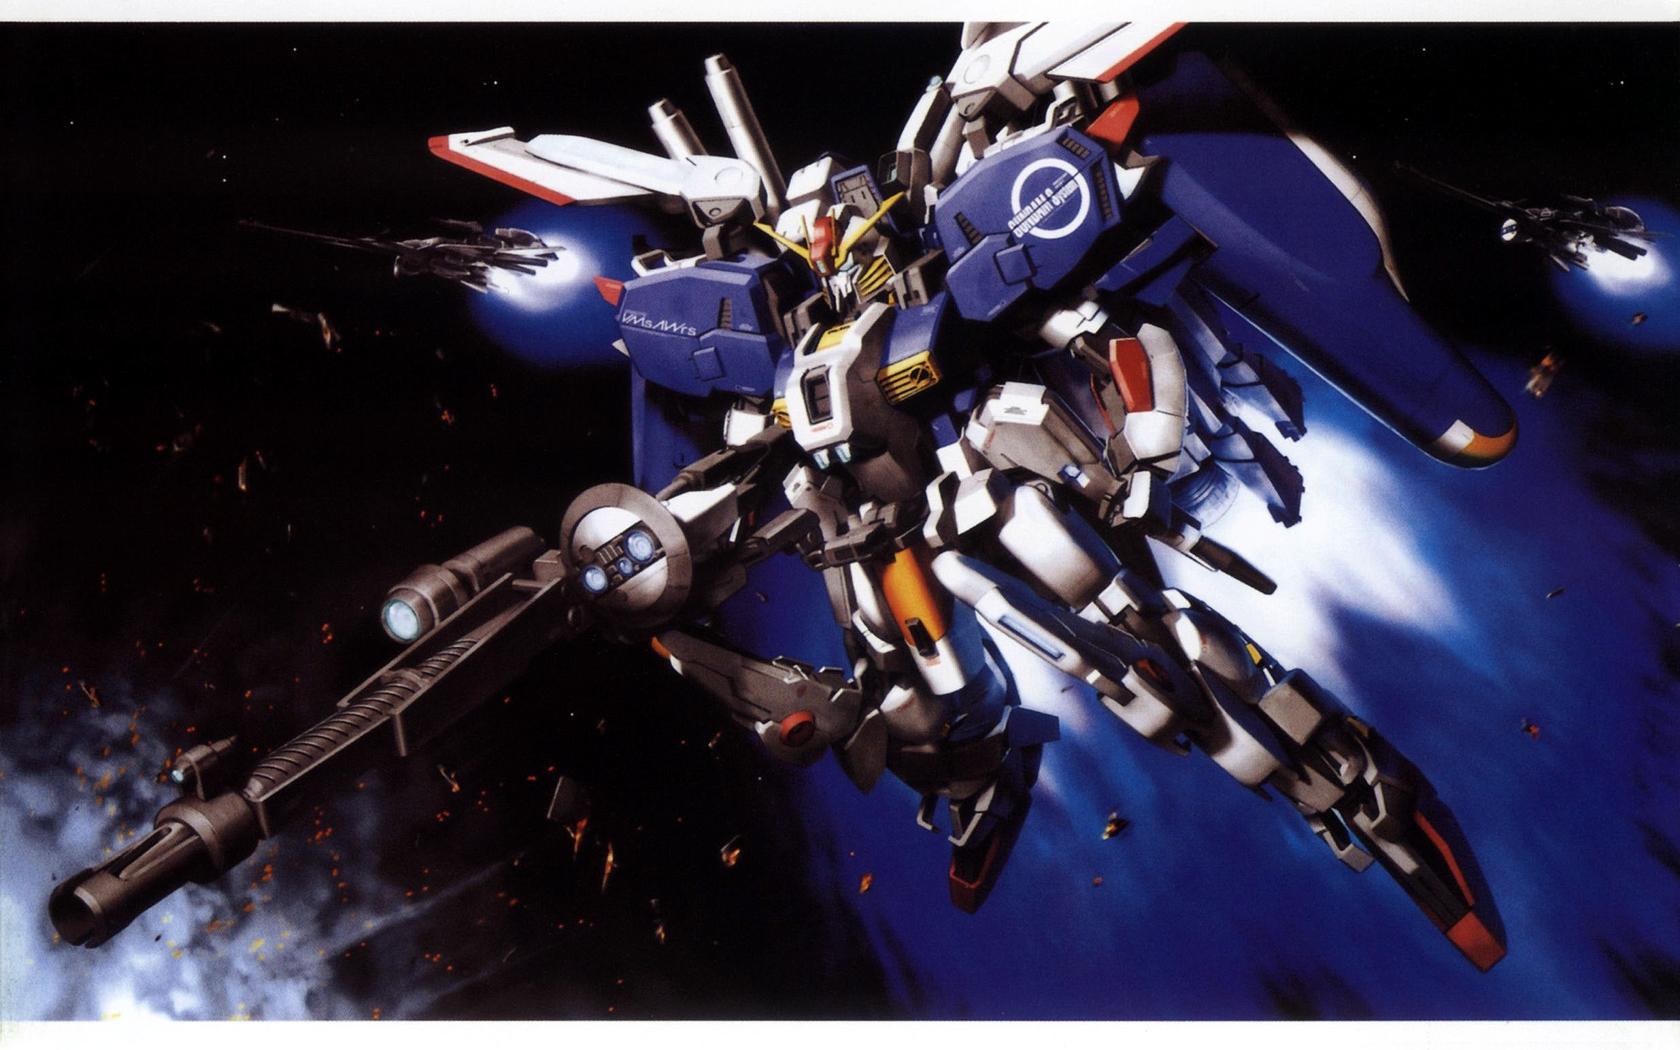 Gundam Wallpaper Gundam Ex S Gundam 1680x1050 Wallpaper Teahub Io